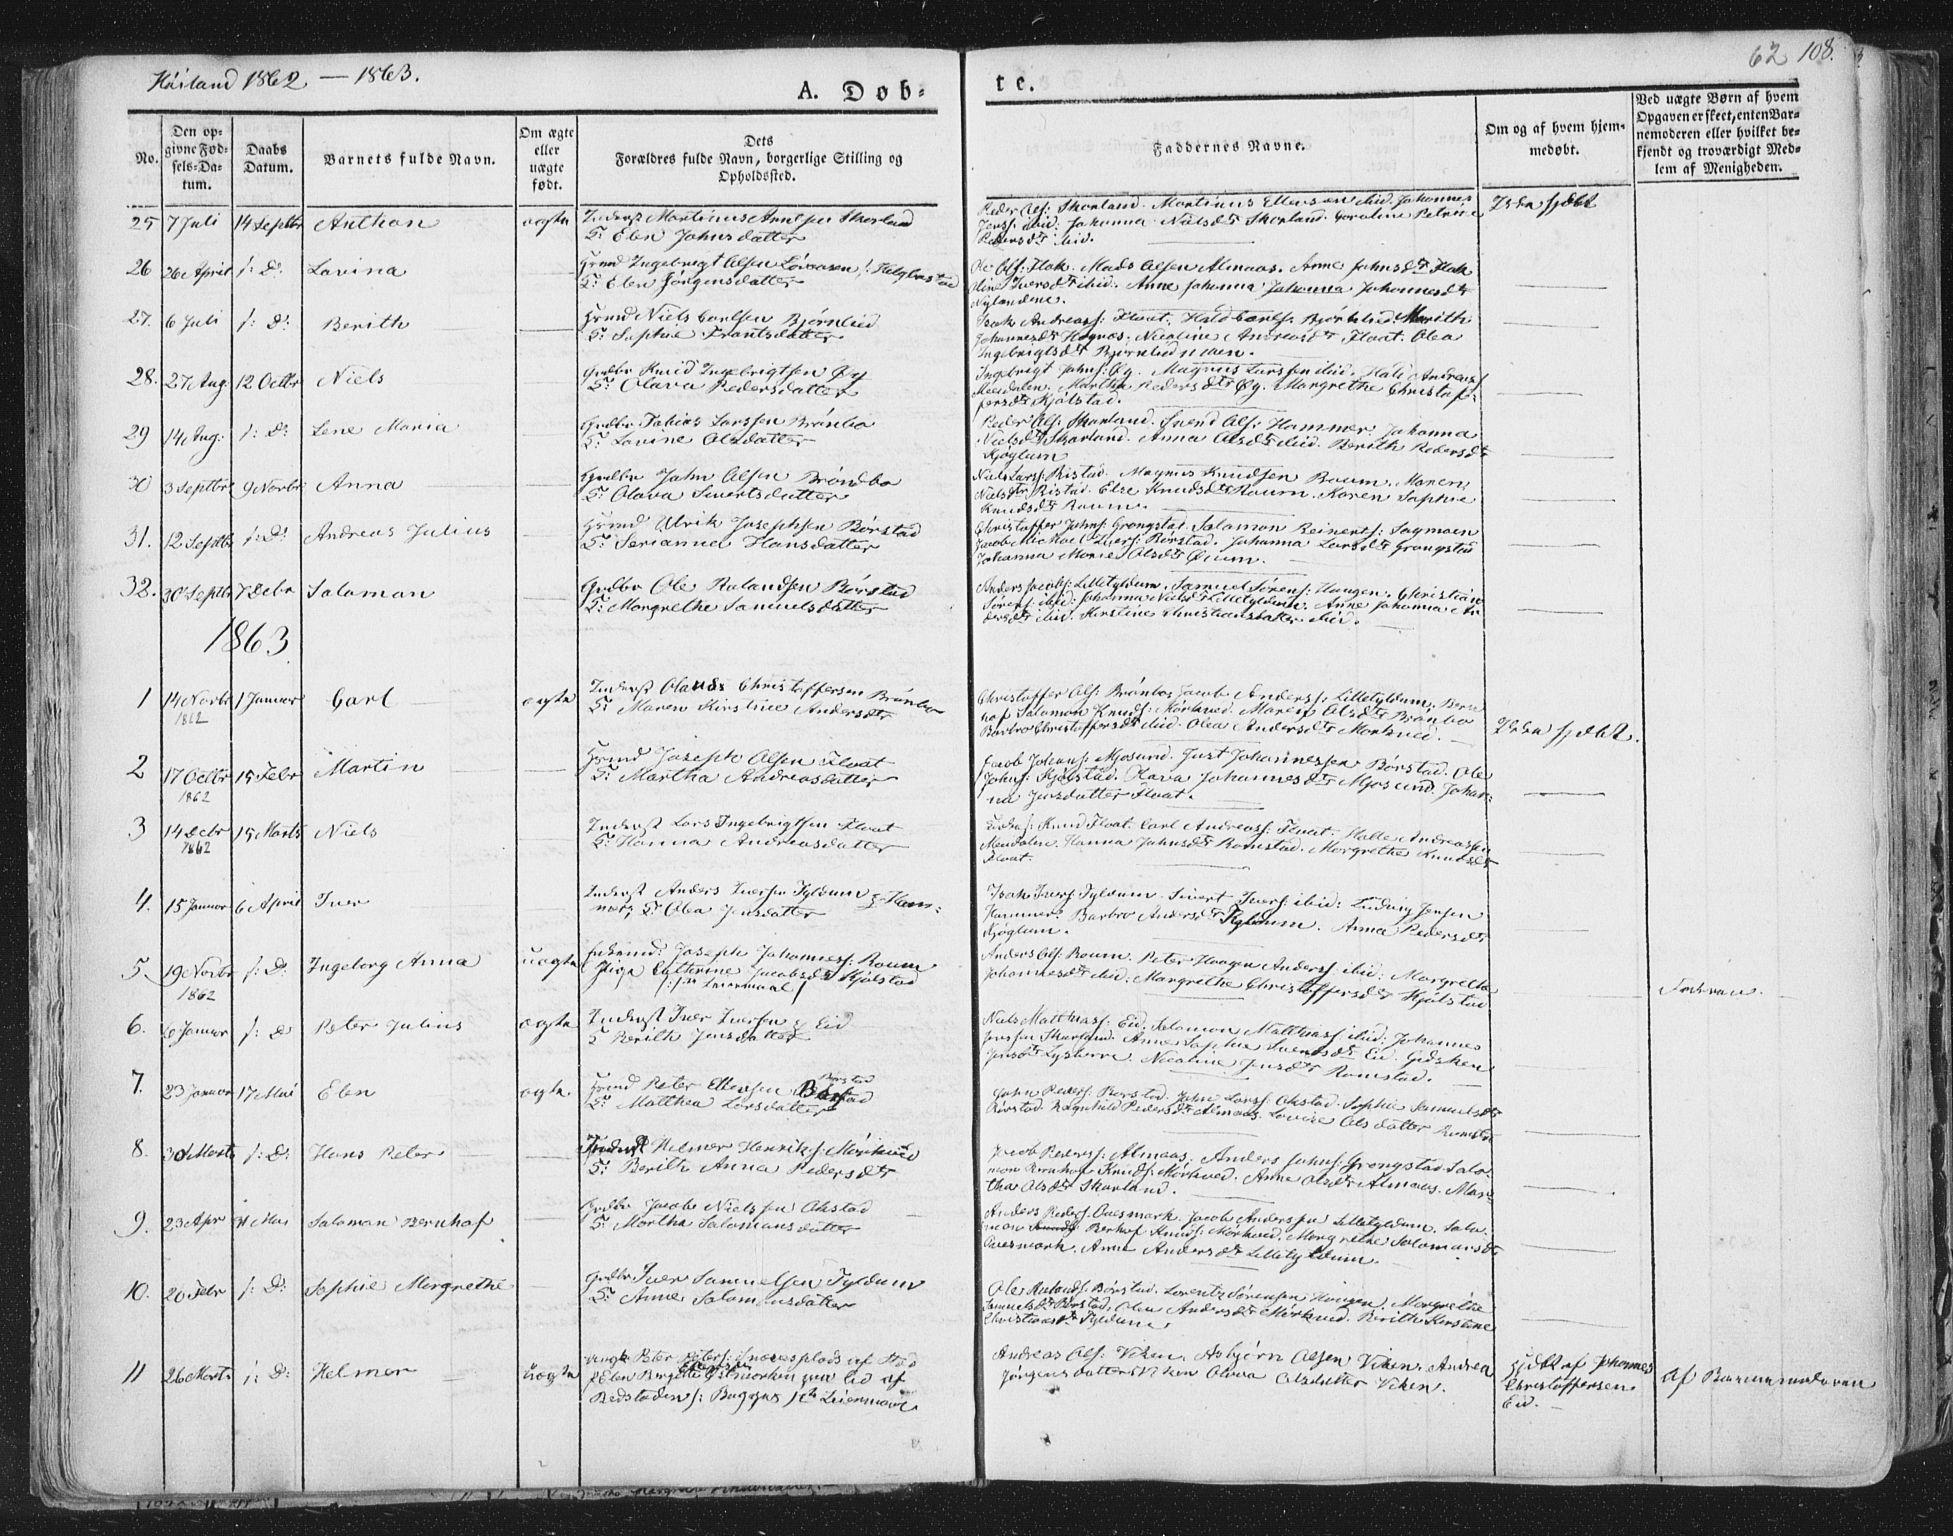 SAT, Ministerialprotokoller, klokkerbøker og fødselsregistre - Nord-Trøndelag, 758/L0513: Ministerialbok nr. 758A02 /2, 1839-1868, s. 62